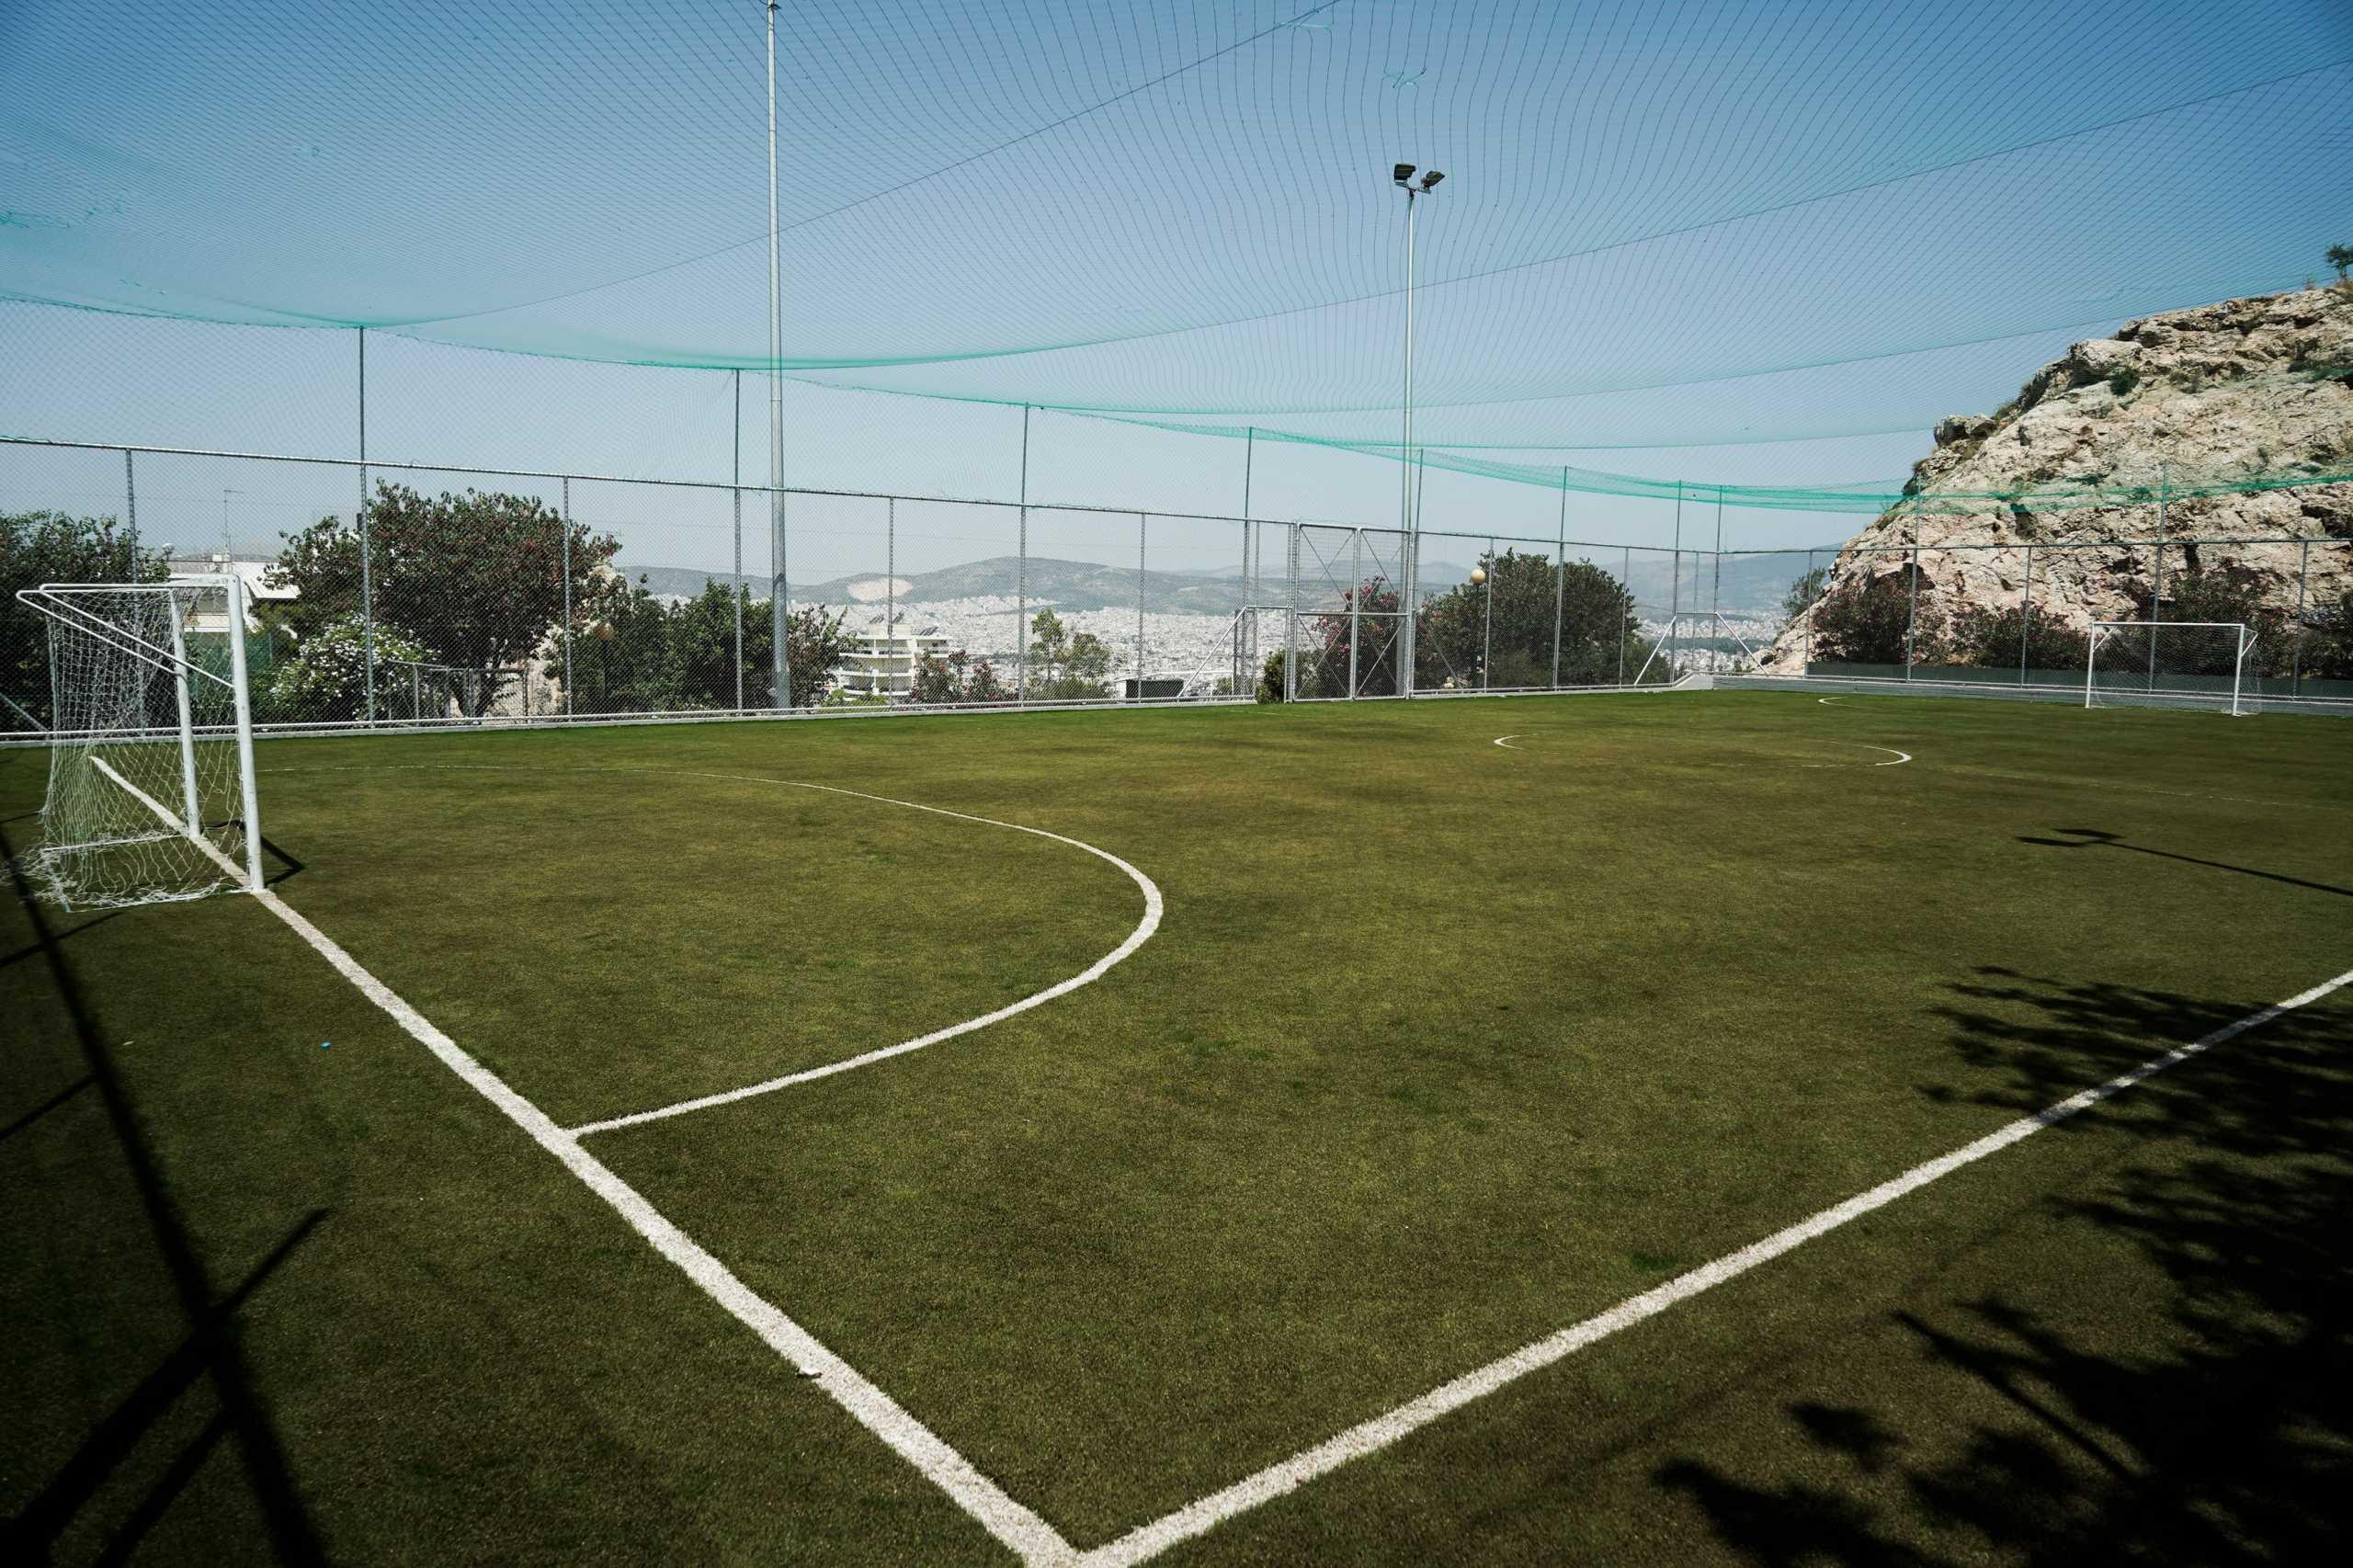 Δήμος Αθηναίων: Γήπεδα 5Χ5 σαν καινούργια – Ώρες λειτουργίας για τους αθλούμενους